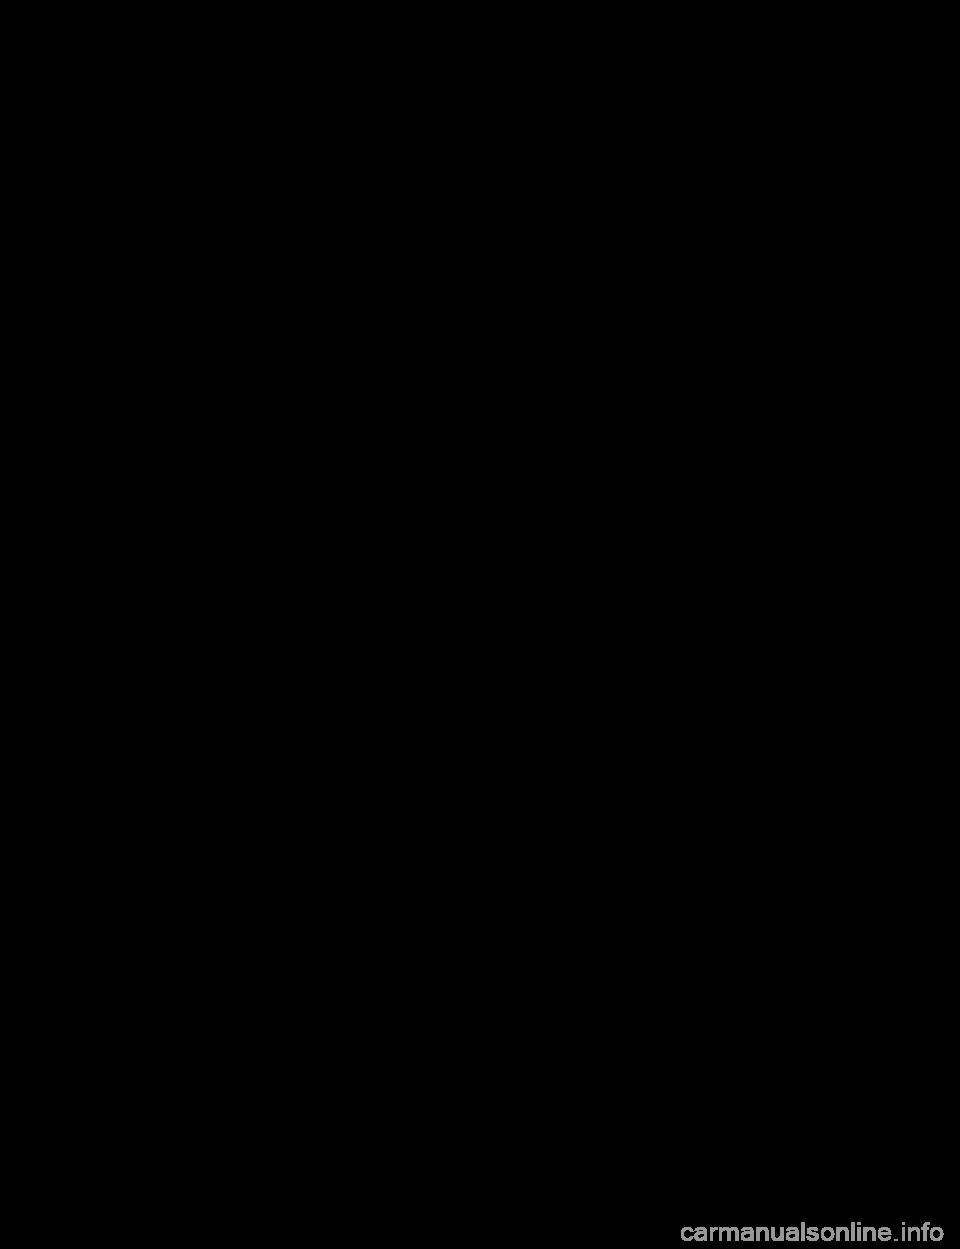 SUZUKI SWIFT 2000 1 G